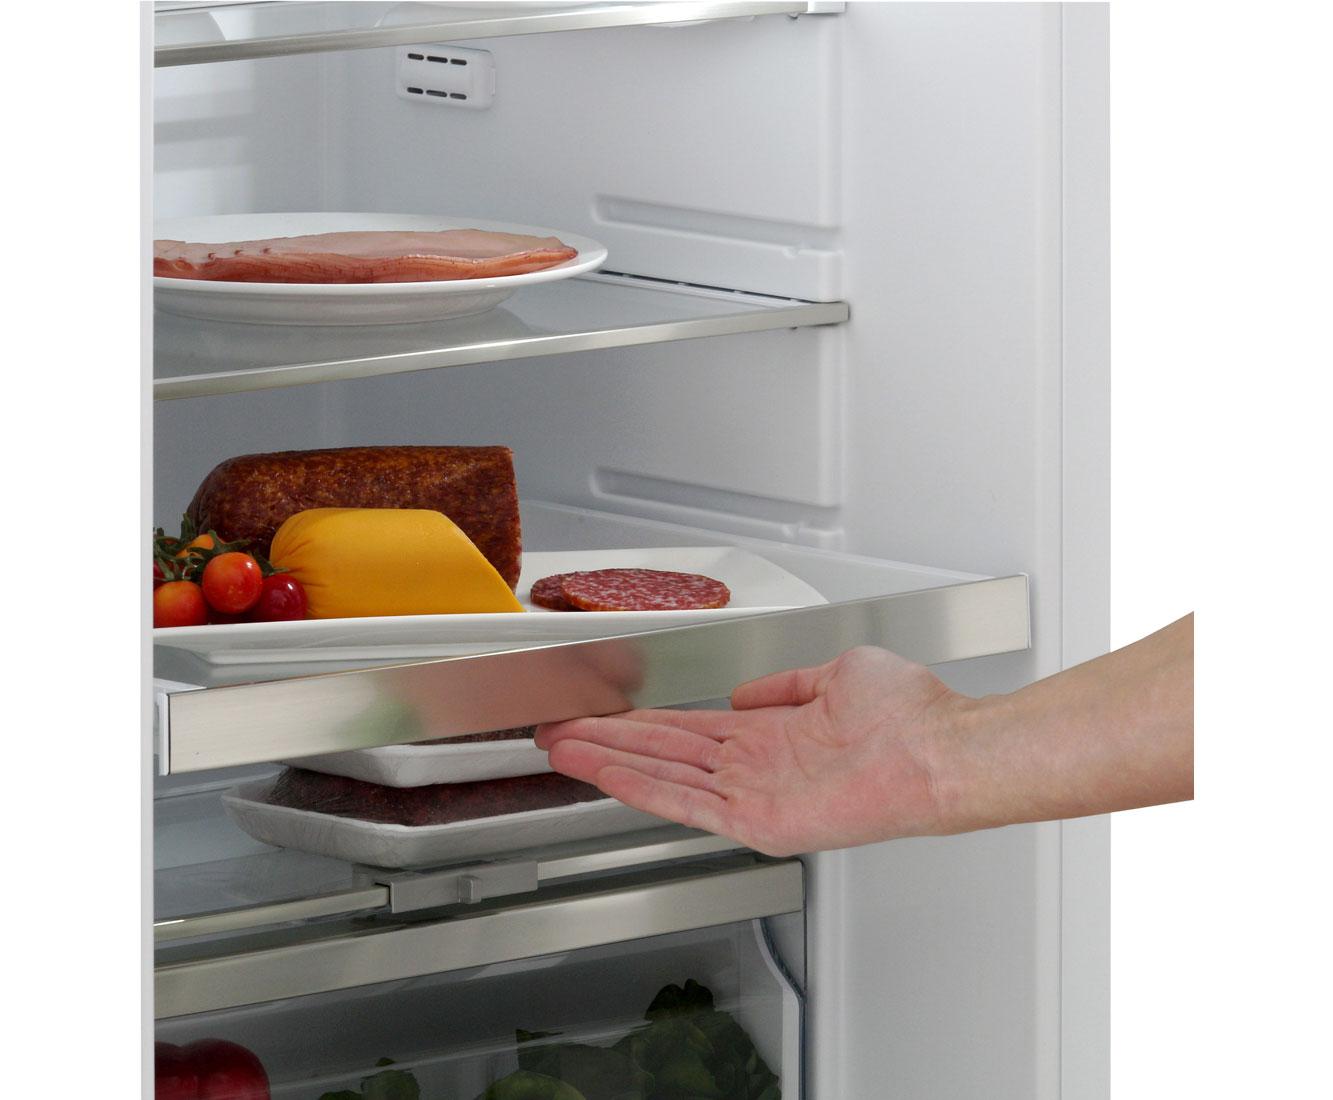 Gorenje Kühlschrank Ablauf Verstopft : Siemens kühlschrank gefrierfach vereist: kühl gefrier kombi immer